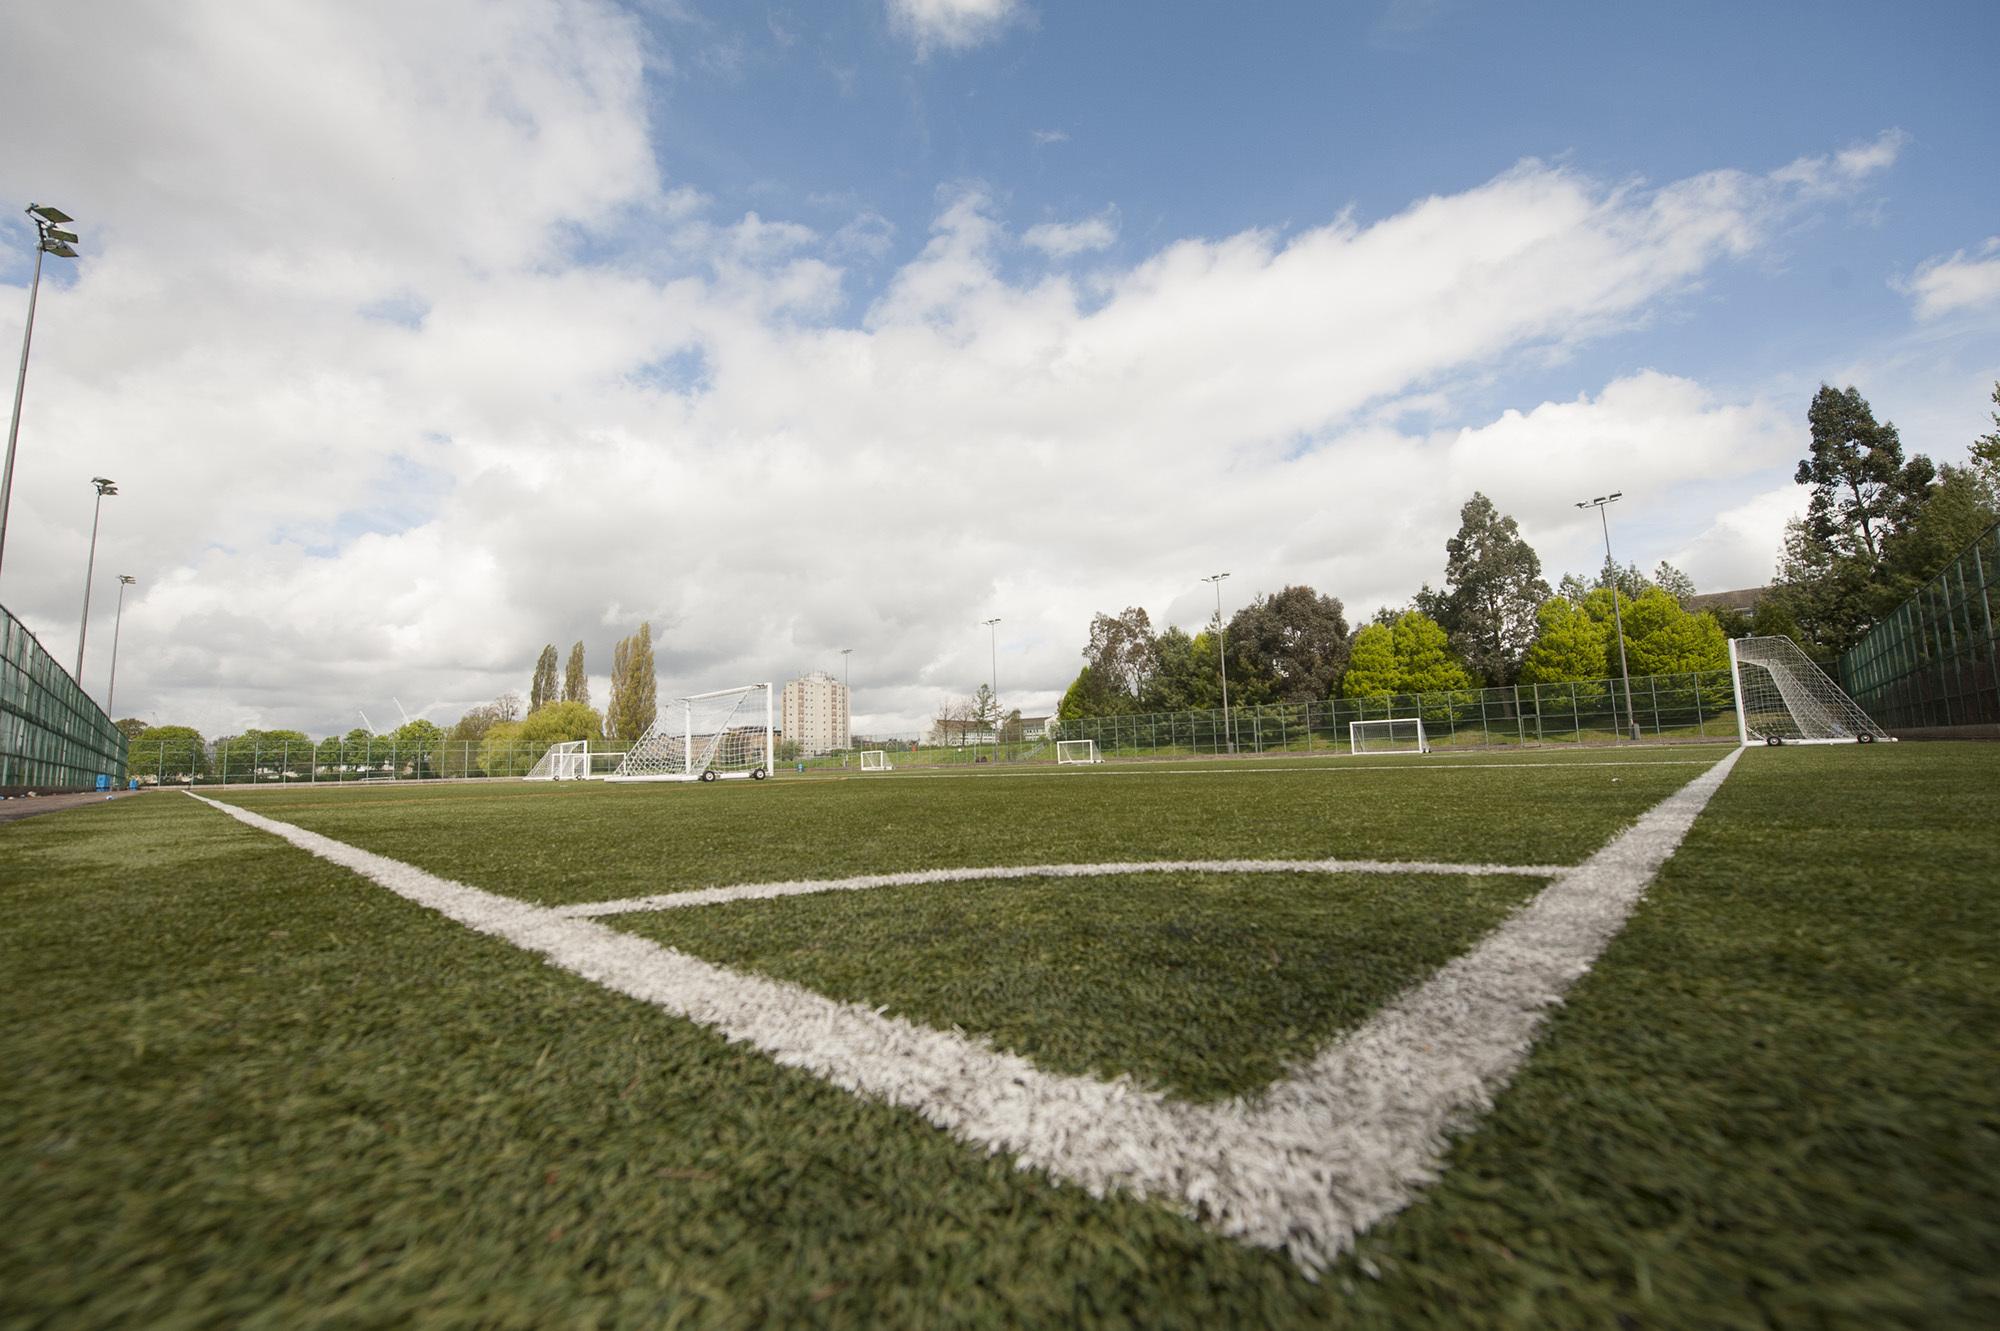 TRS Football astroturf